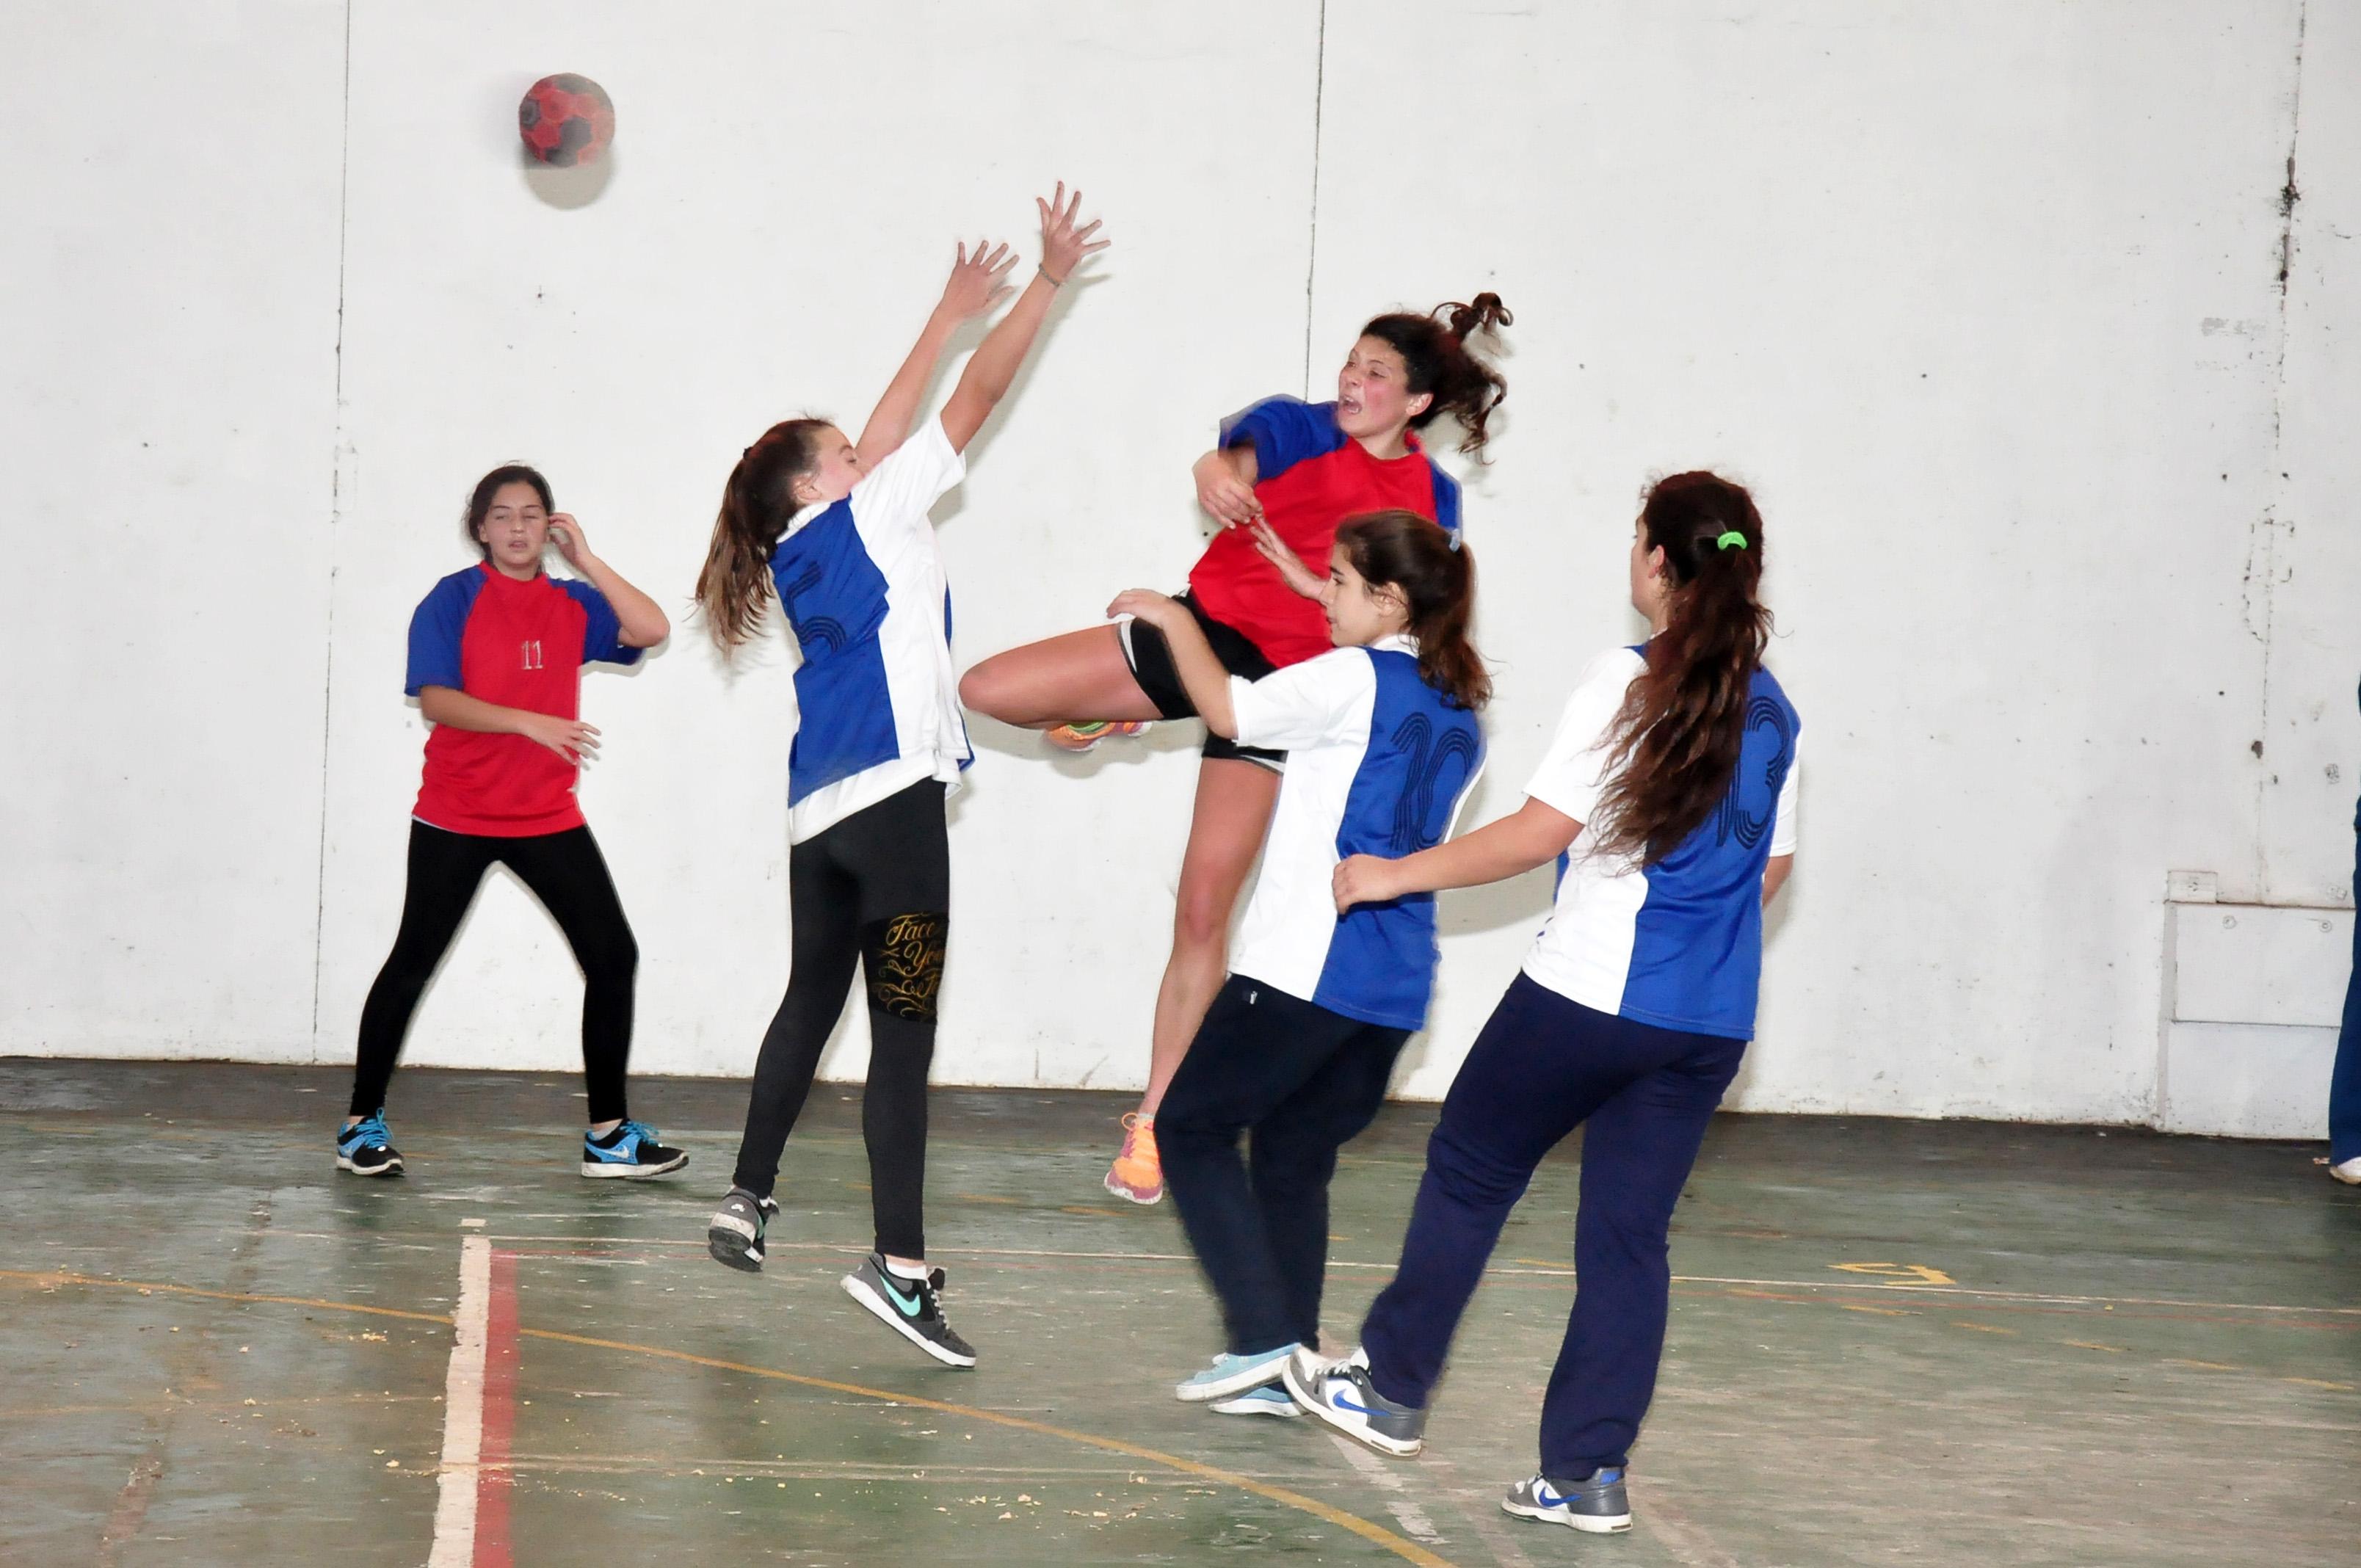 Estas son las imágenes de la 1° Jornada del Encuentro Deportivo y Cultural